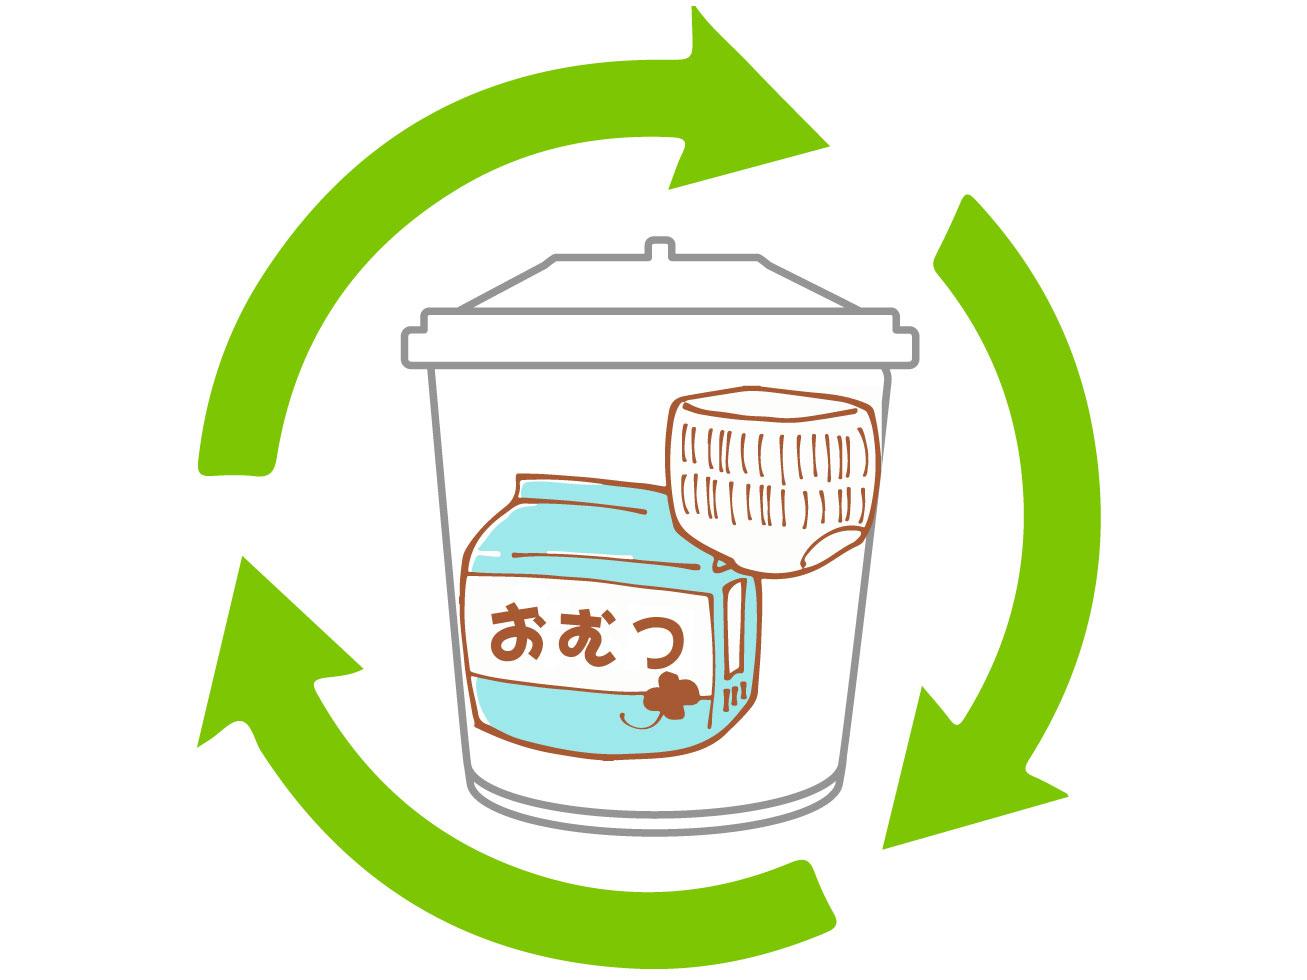 使用済みのおむつ(吸収性衛生用品)もリサイクル!